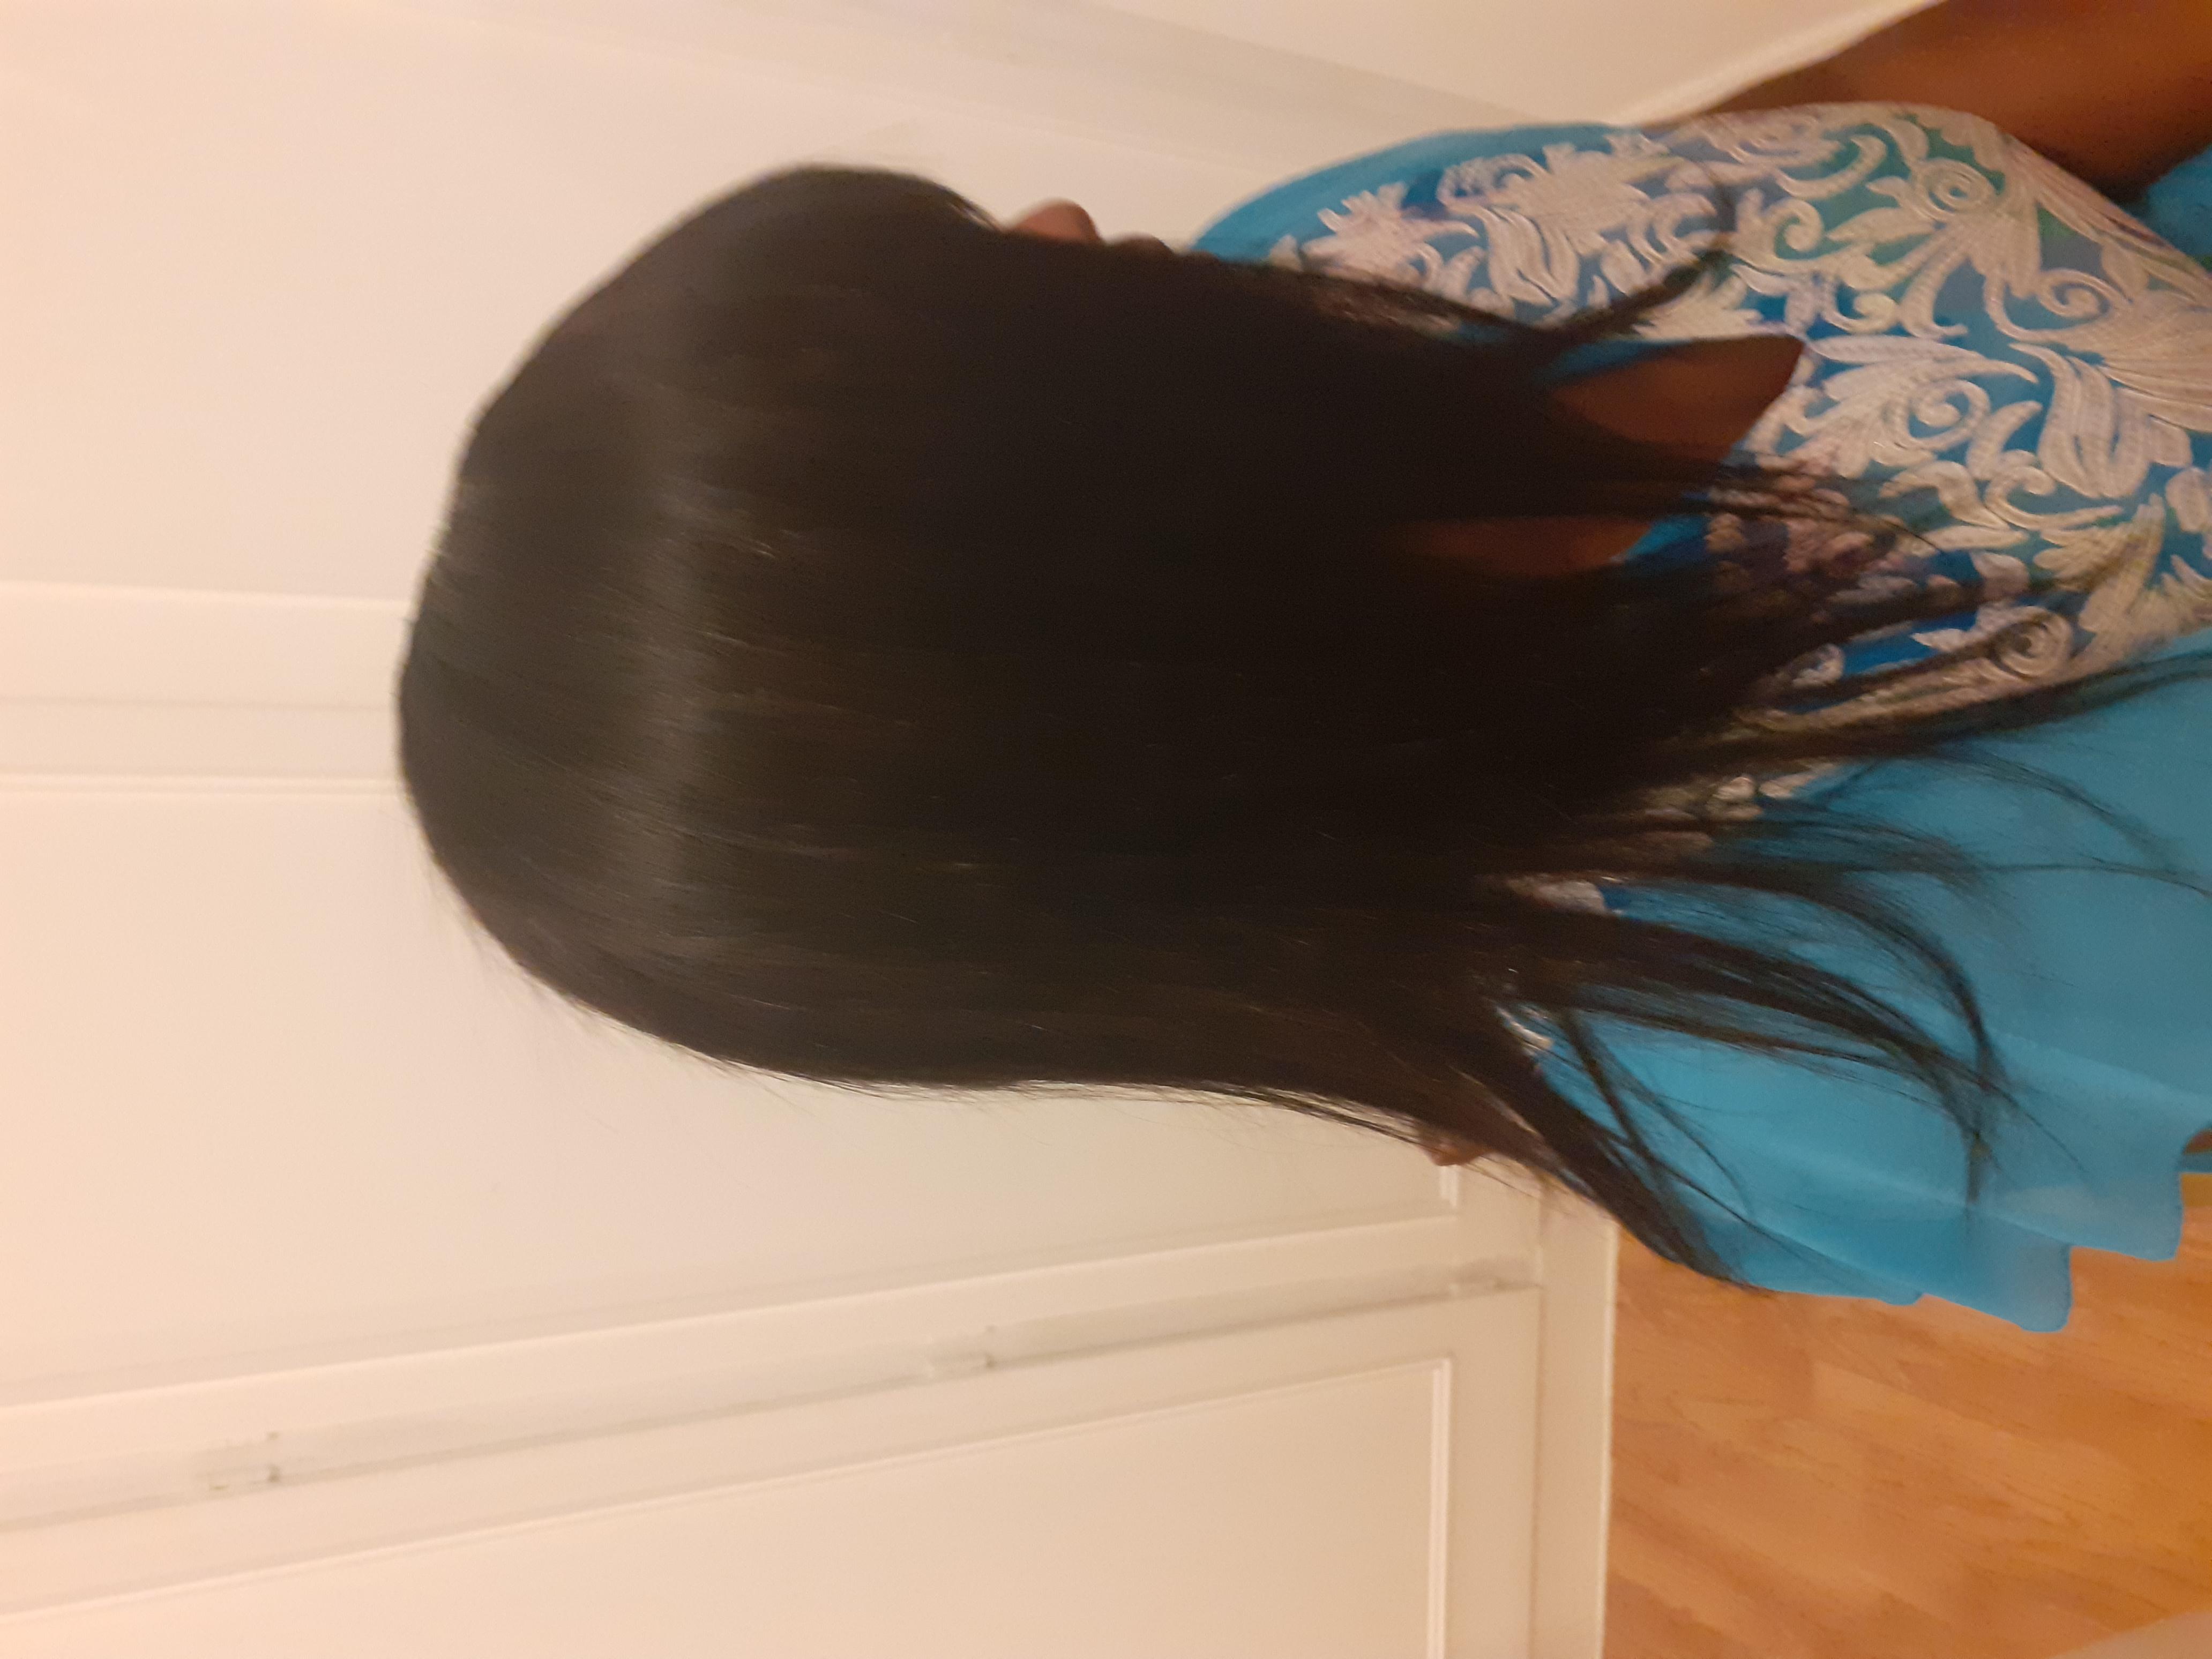 salon de coiffure afro tresse tresses box braids crochet braids vanilles tissages paris 75 77 78 91 92 93 94 95 WHEVQBVY